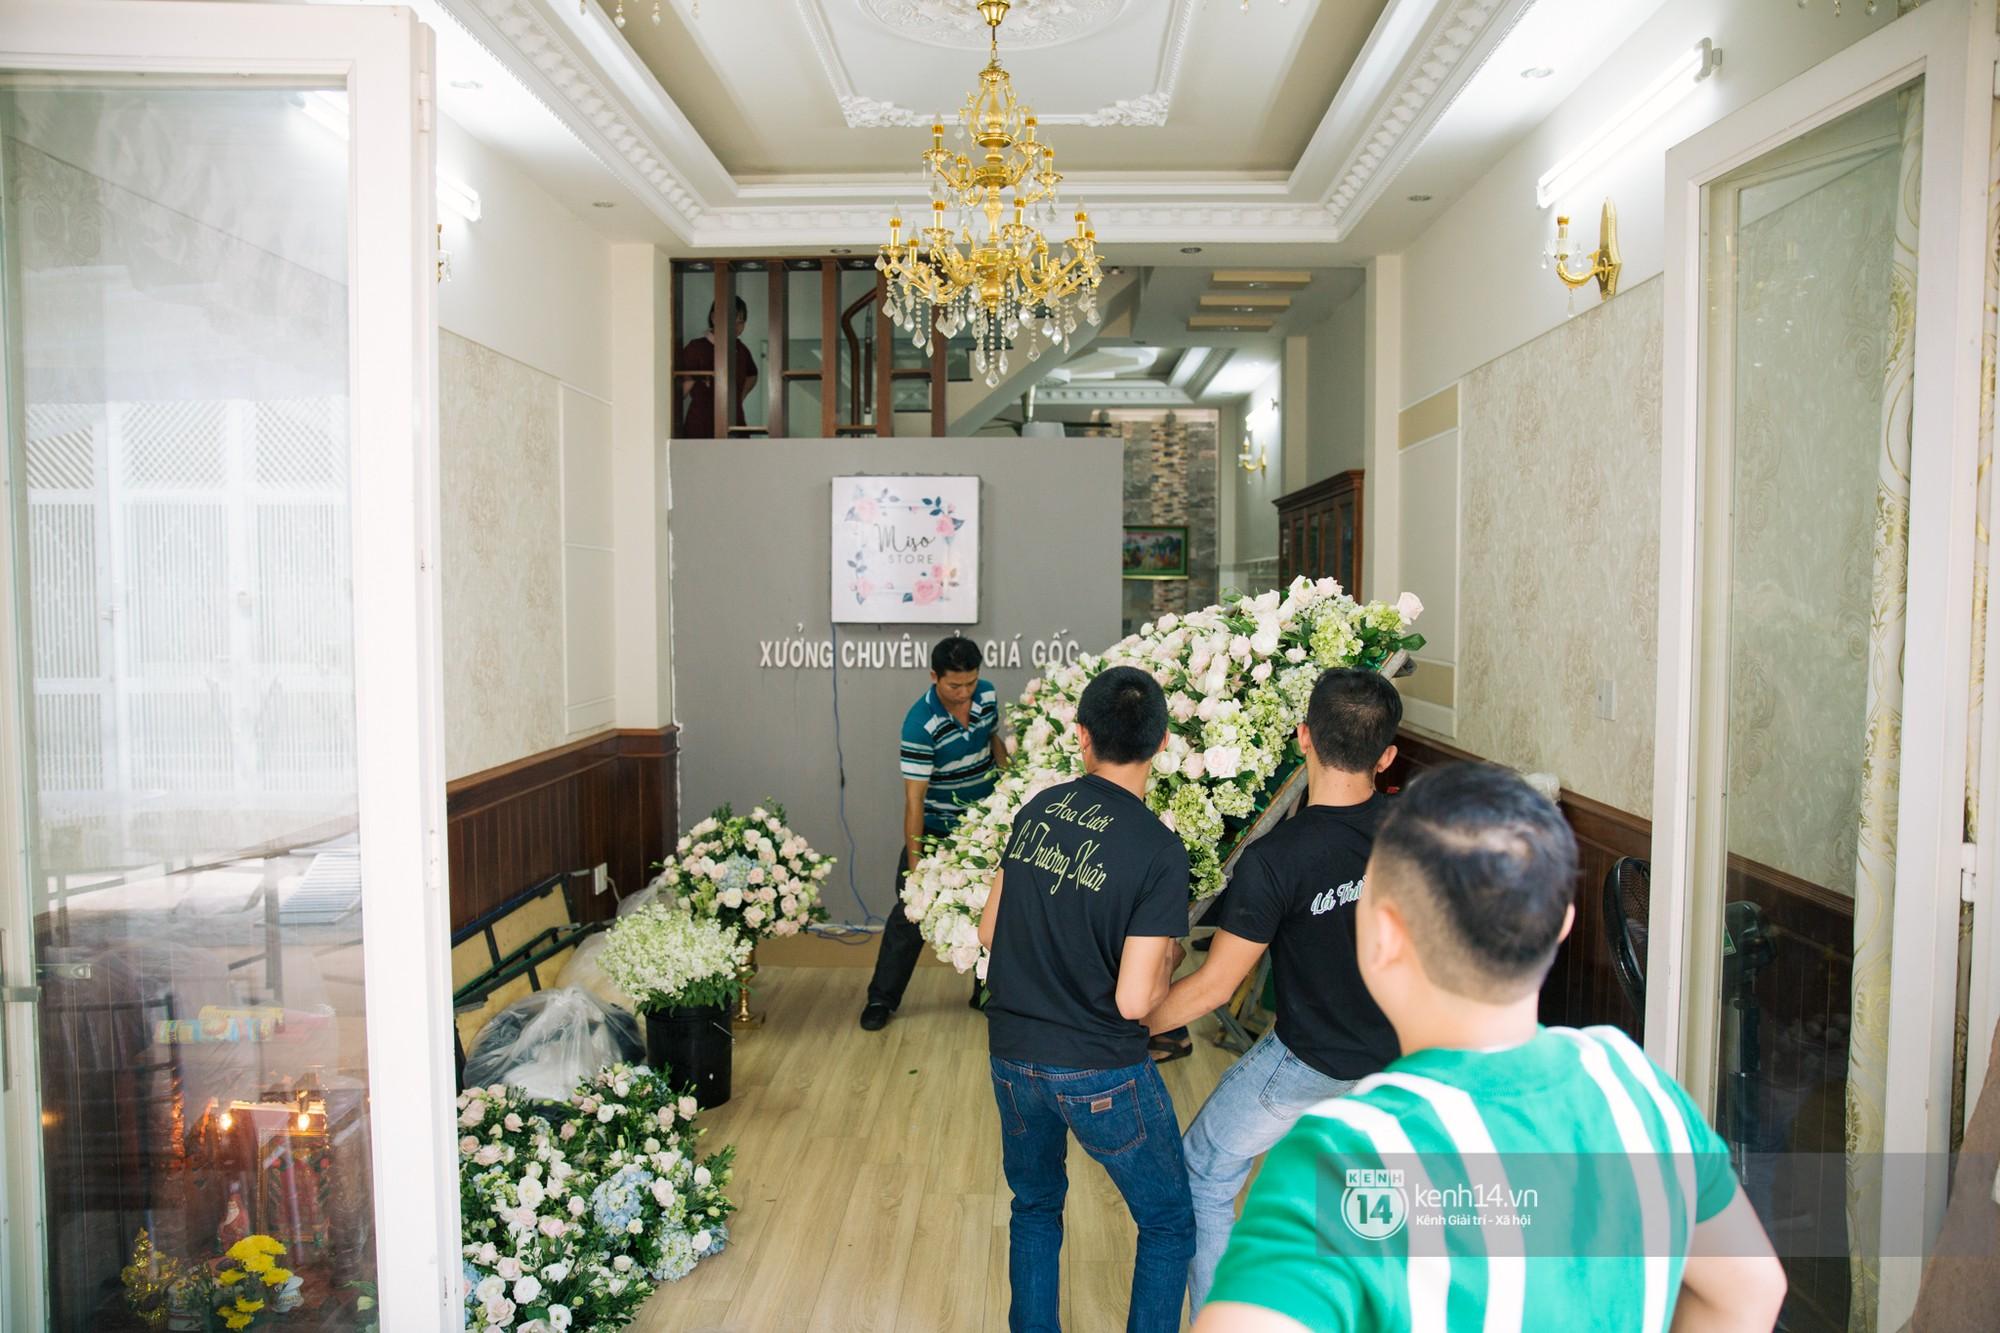 Cưới Trường Giang Nhã Phương: Nhà cô dâu bày trí cho hôn lễ chiều nay - Ảnh 6.